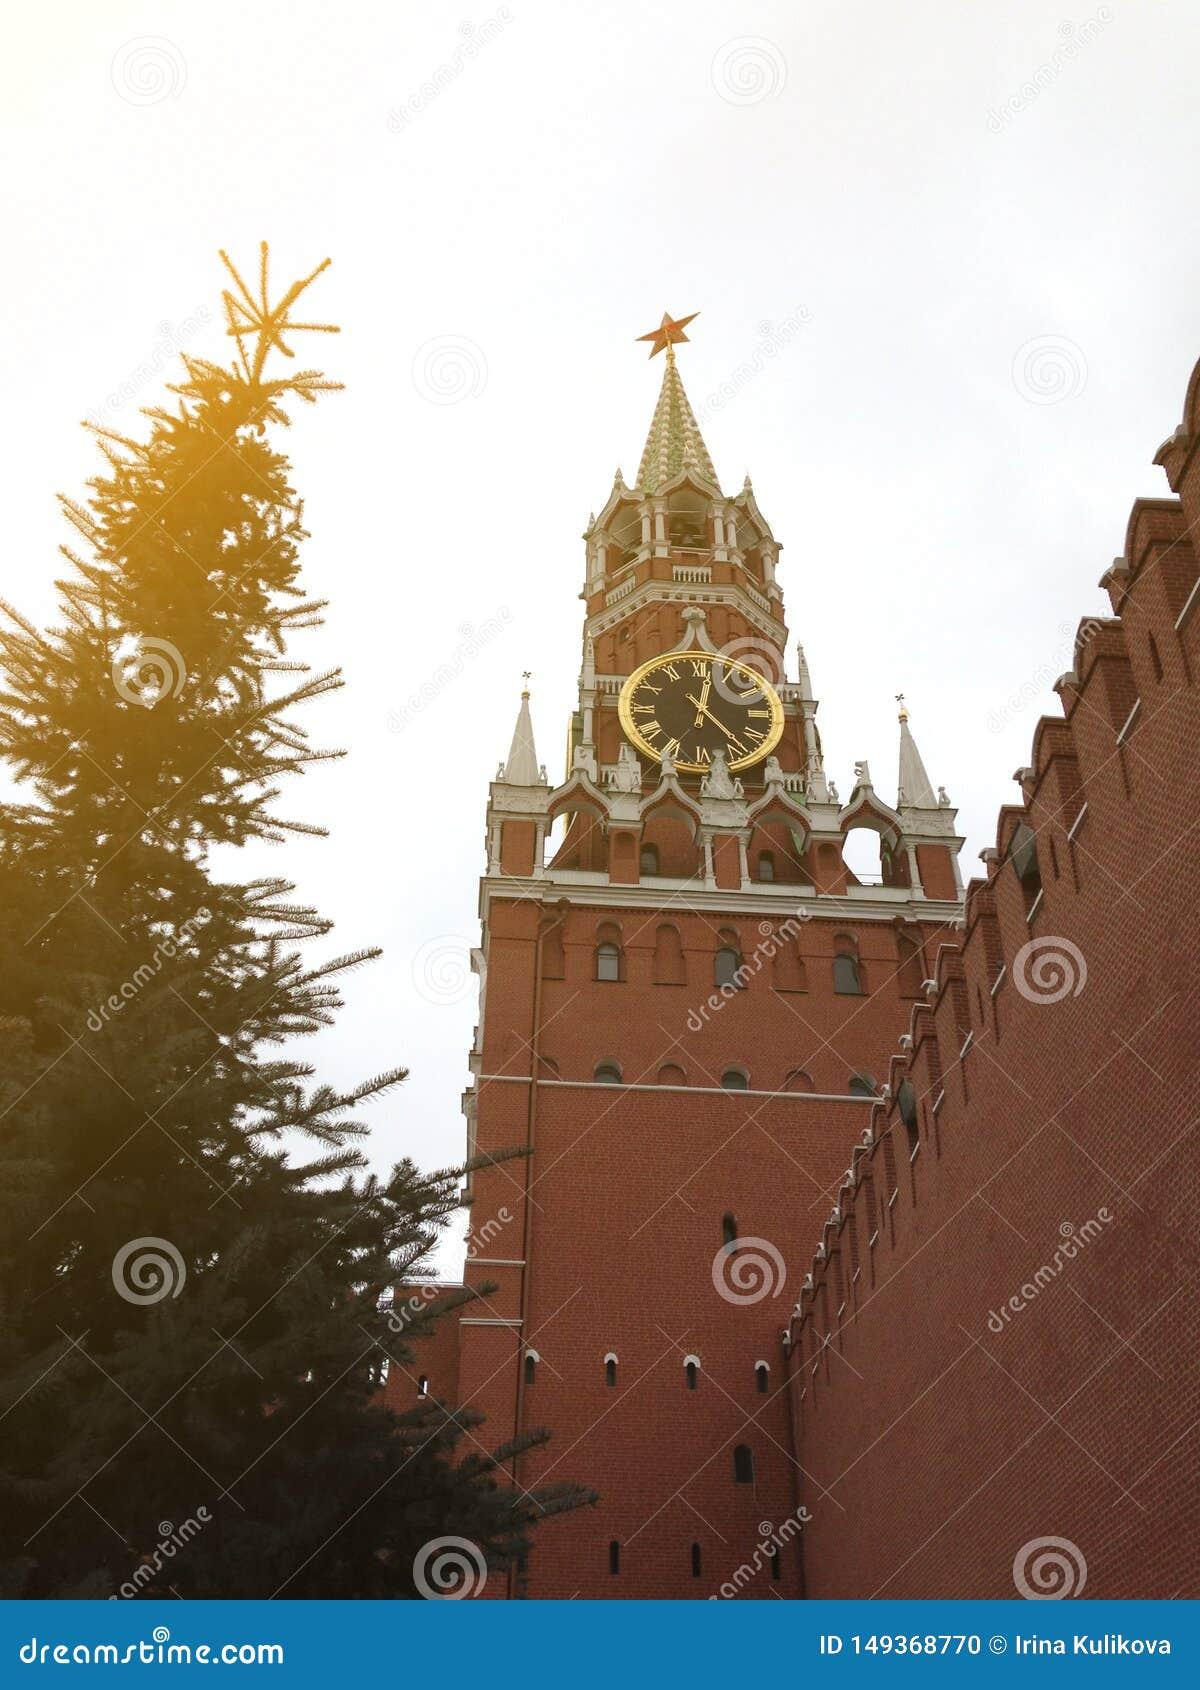 Главная башня Москвы Кремля с огромными час-перезвонами и стеной красного кирпича около высокой ели